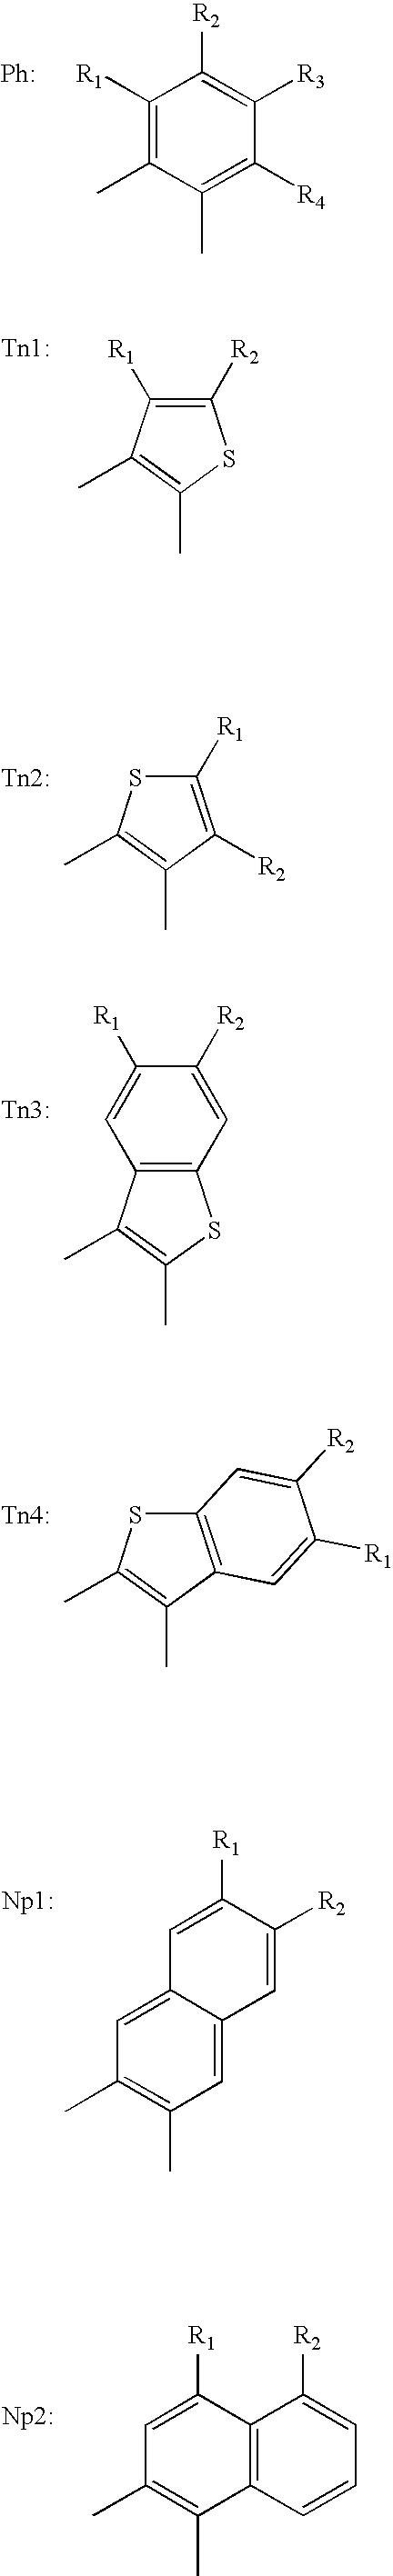 Figure US07544426-20090609-C00008